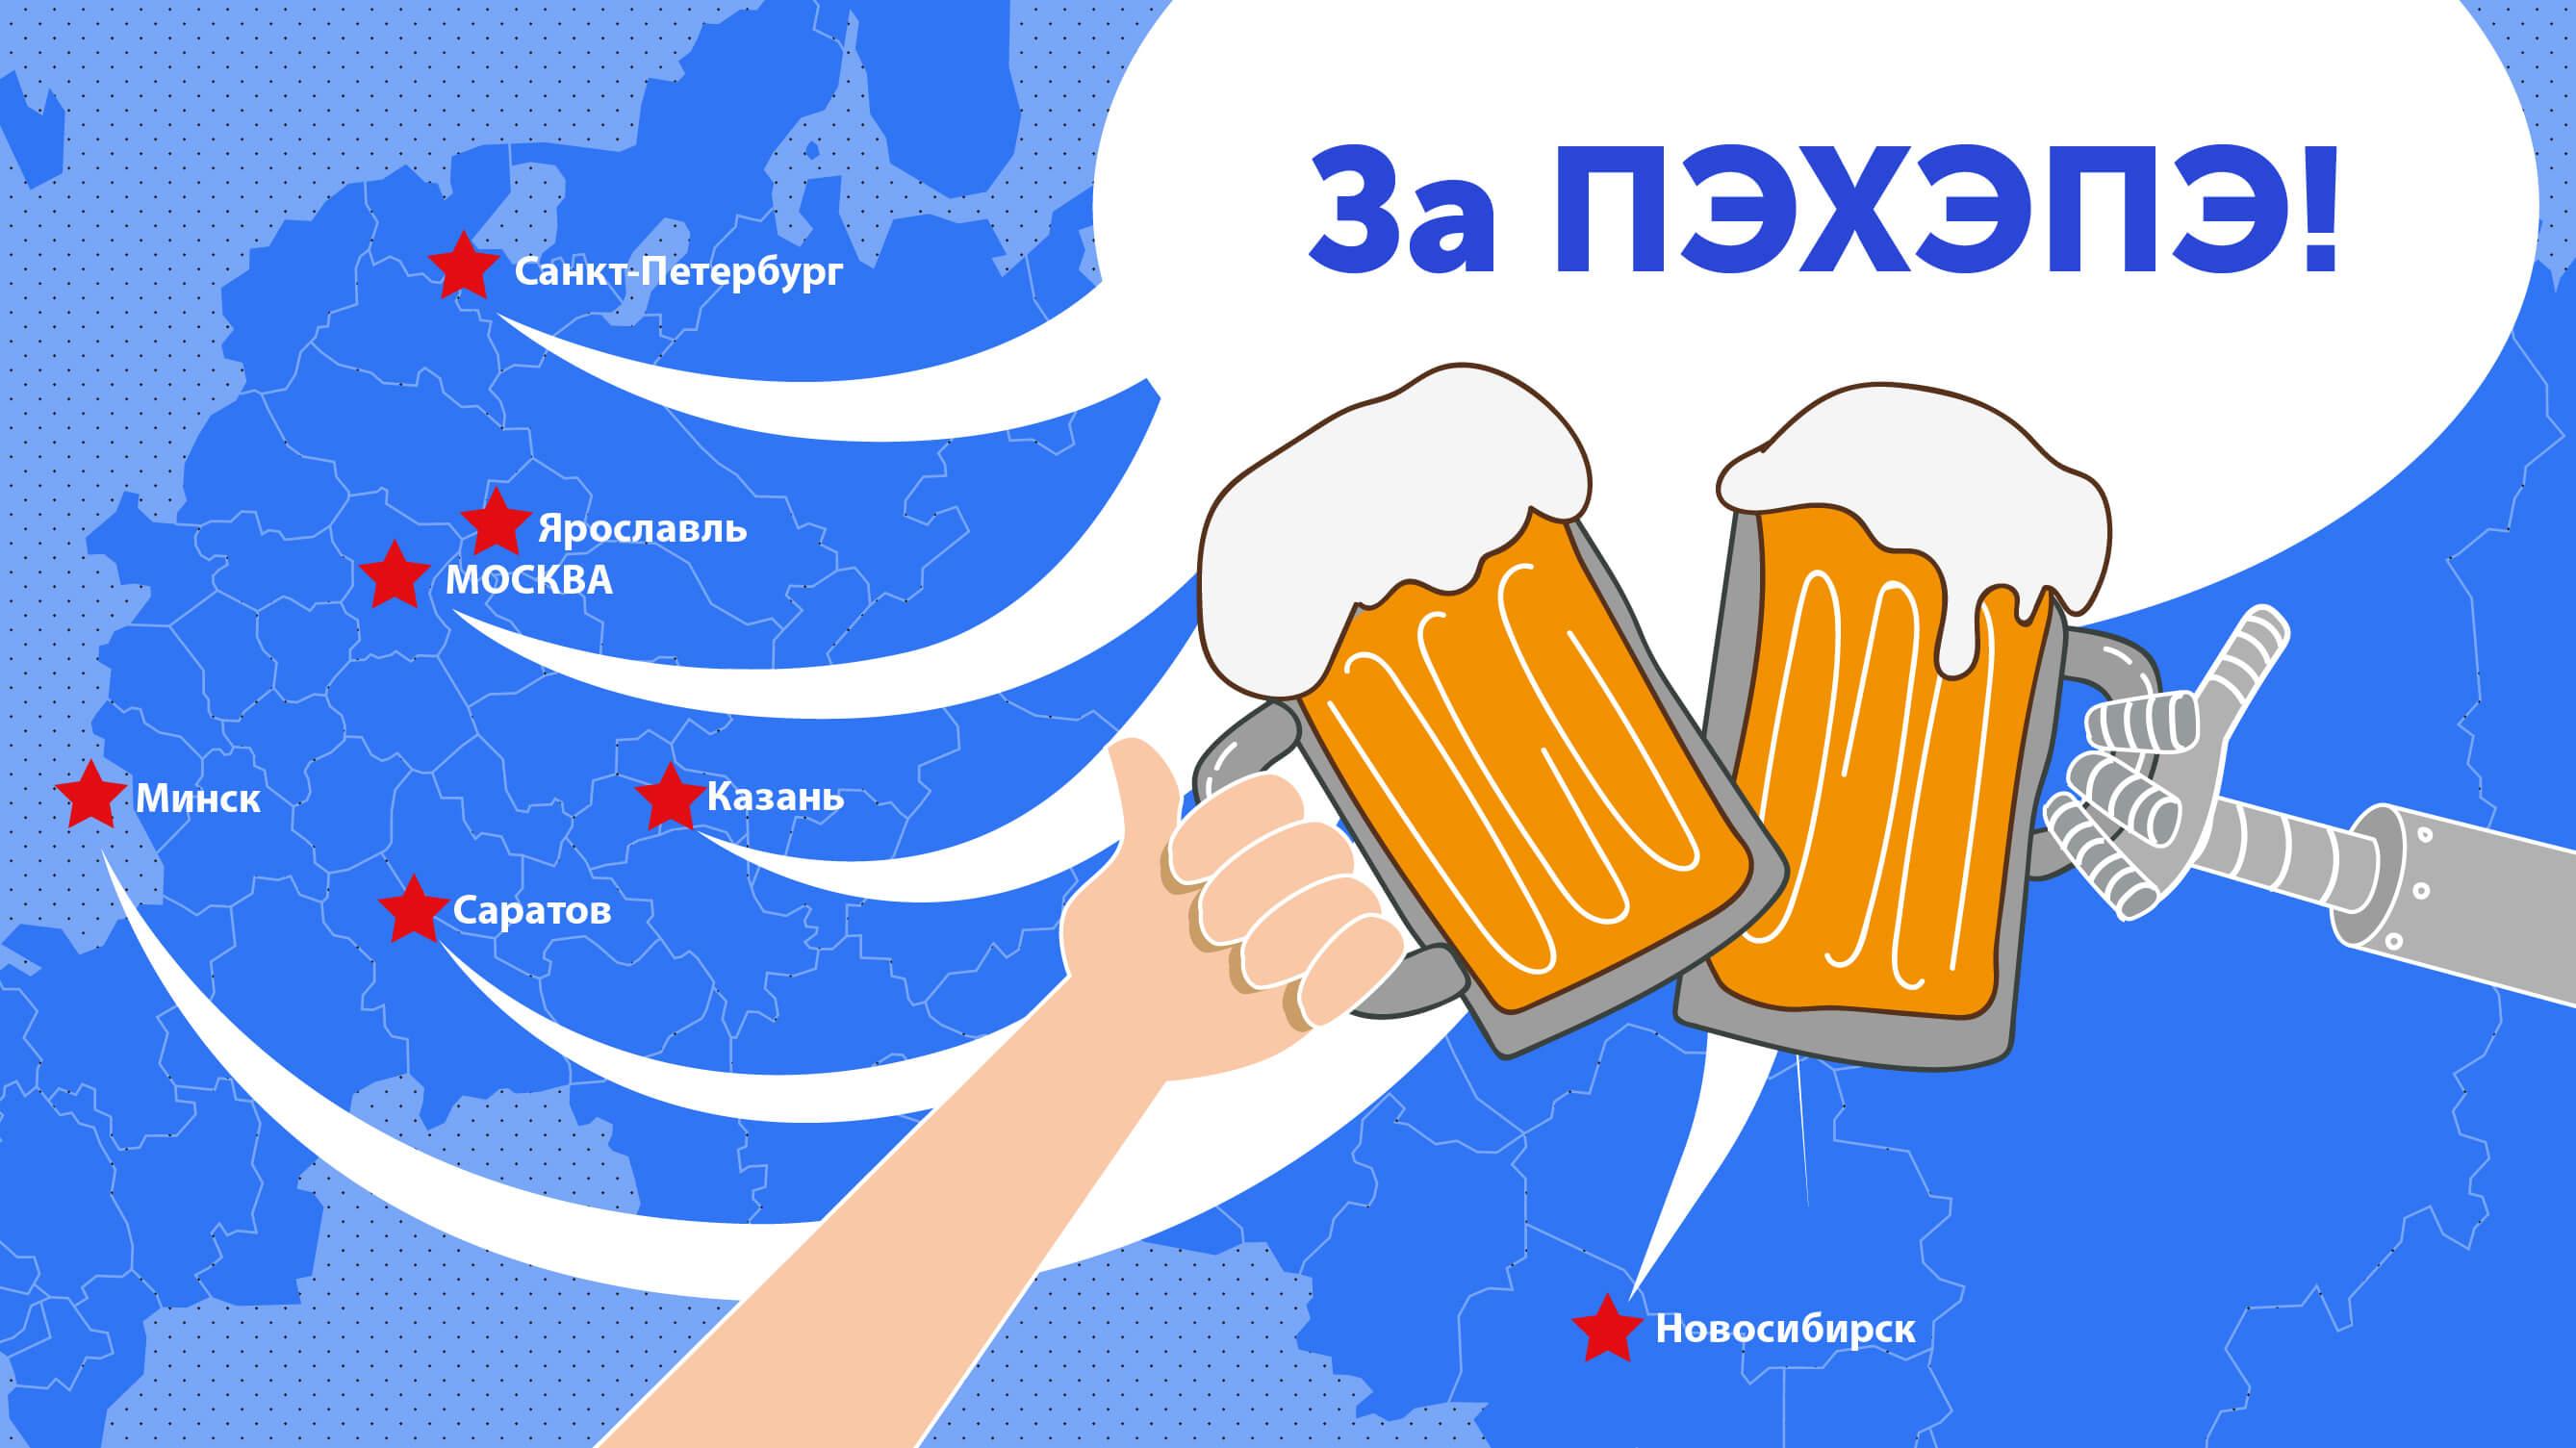 BeerPHP: что это, зачем идти и как запустить у себя в городе - 1